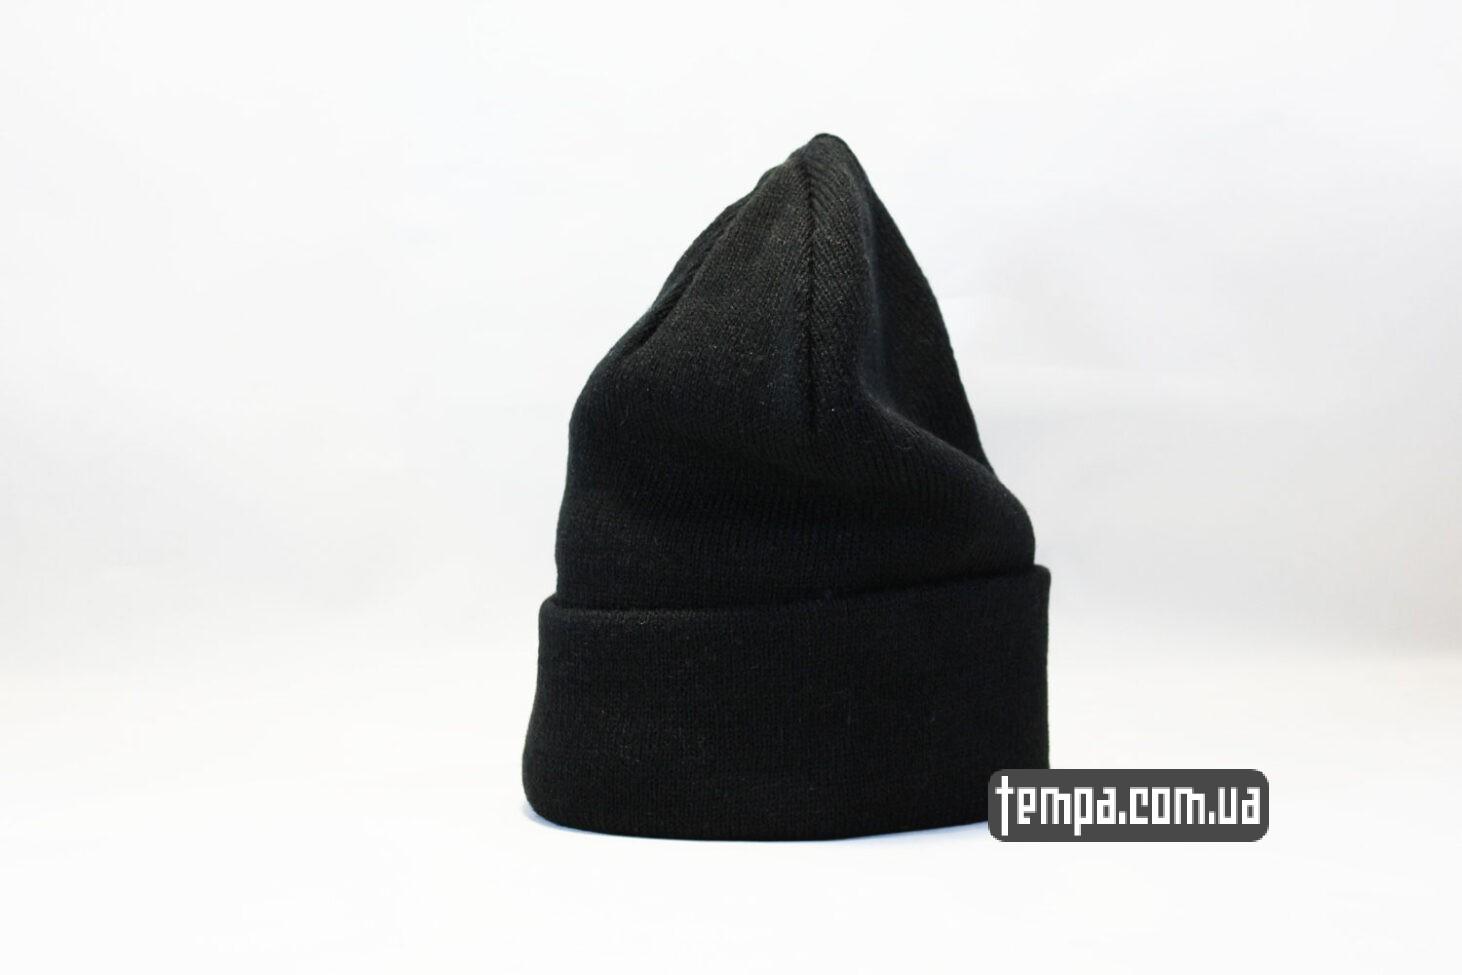 магазин одежды шапка beanie черная однотонная без логотипов asos hm